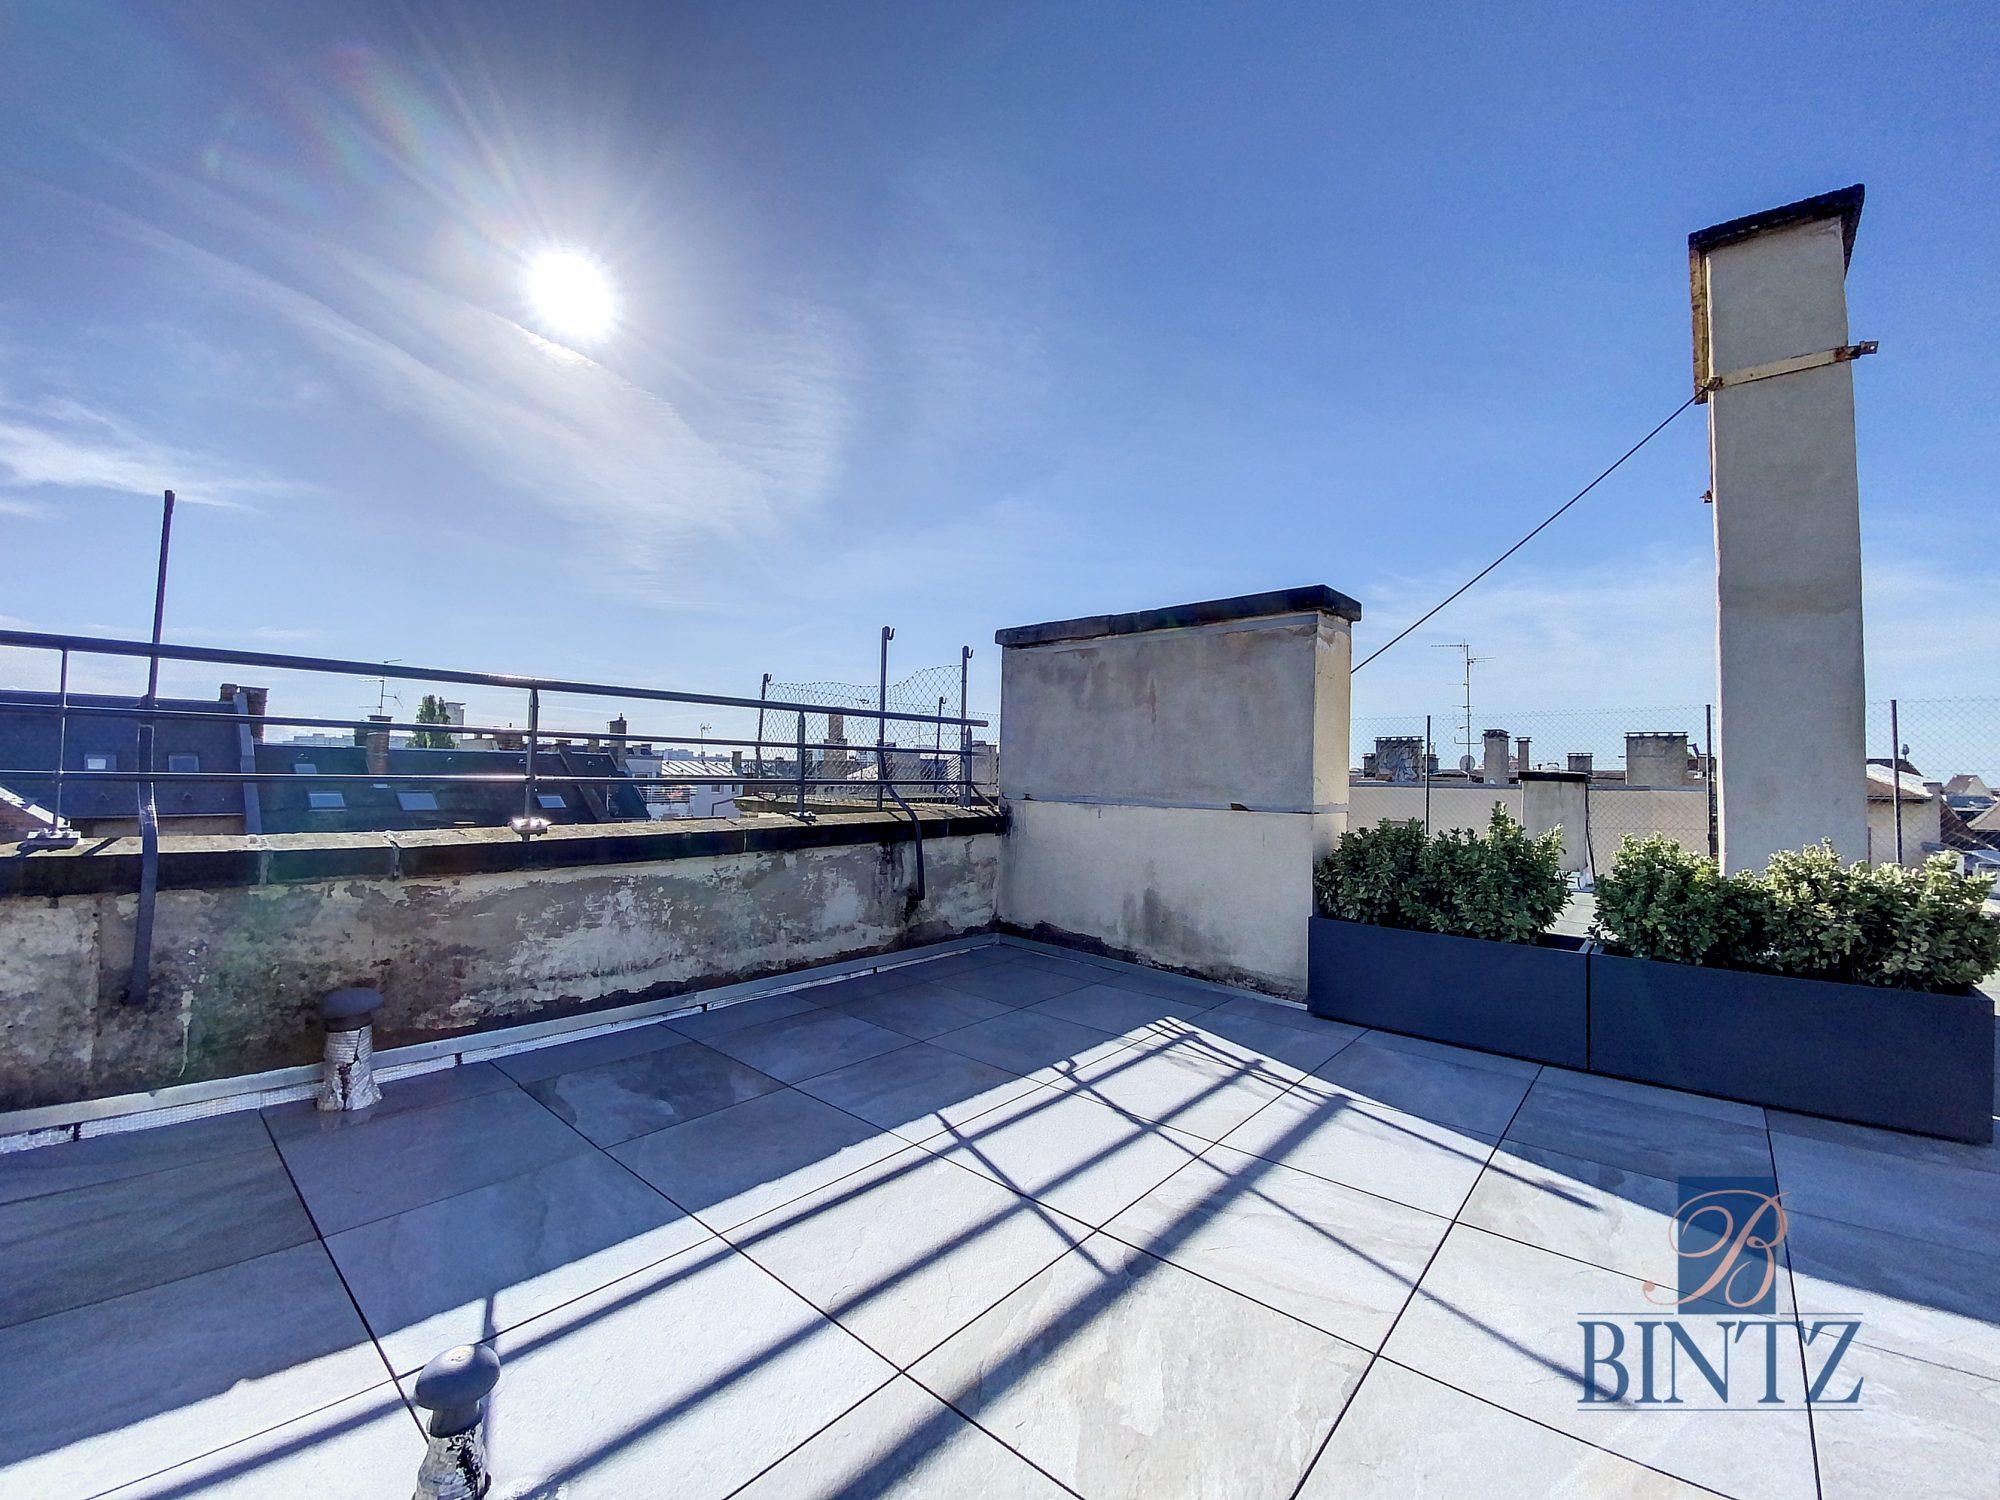 DUPLEX avec terrasse PLACE DE L'UNIVERSITÉ AVEC TERRASSE - Devenez locataire en toute sérénité - Bintz Immobilier - 10